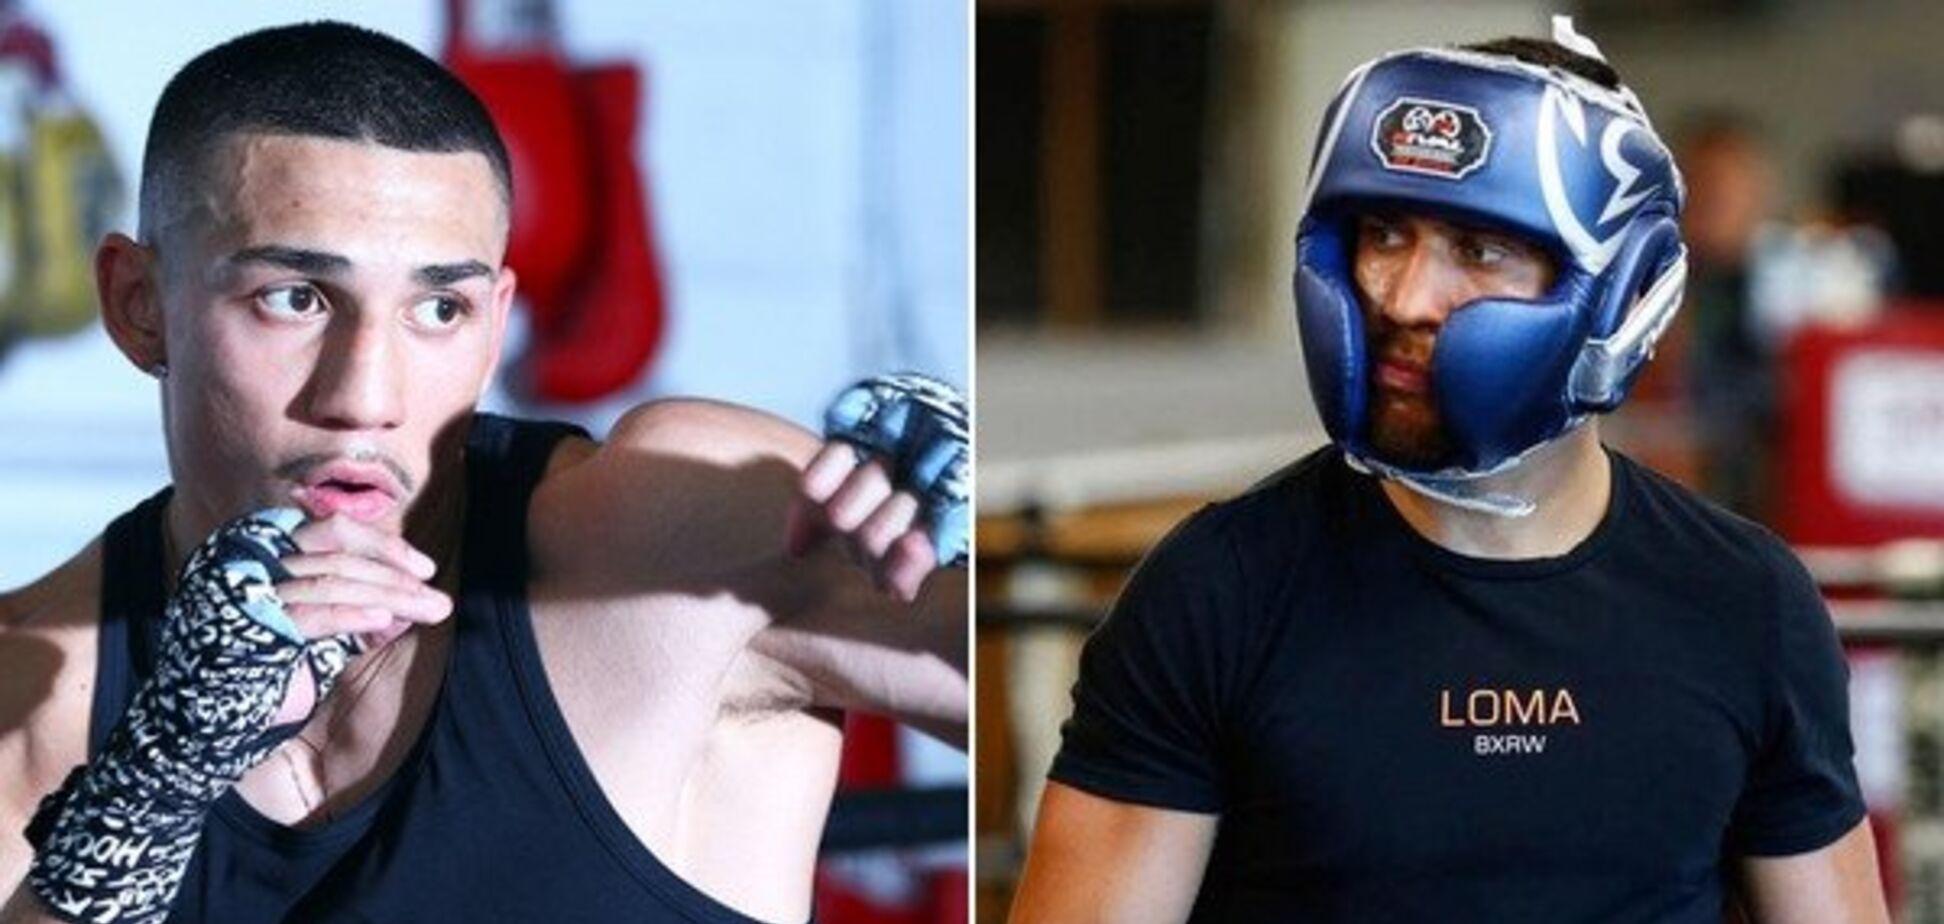 Ломаченко проведет бой с боксером, пообещавшим его ''убить''